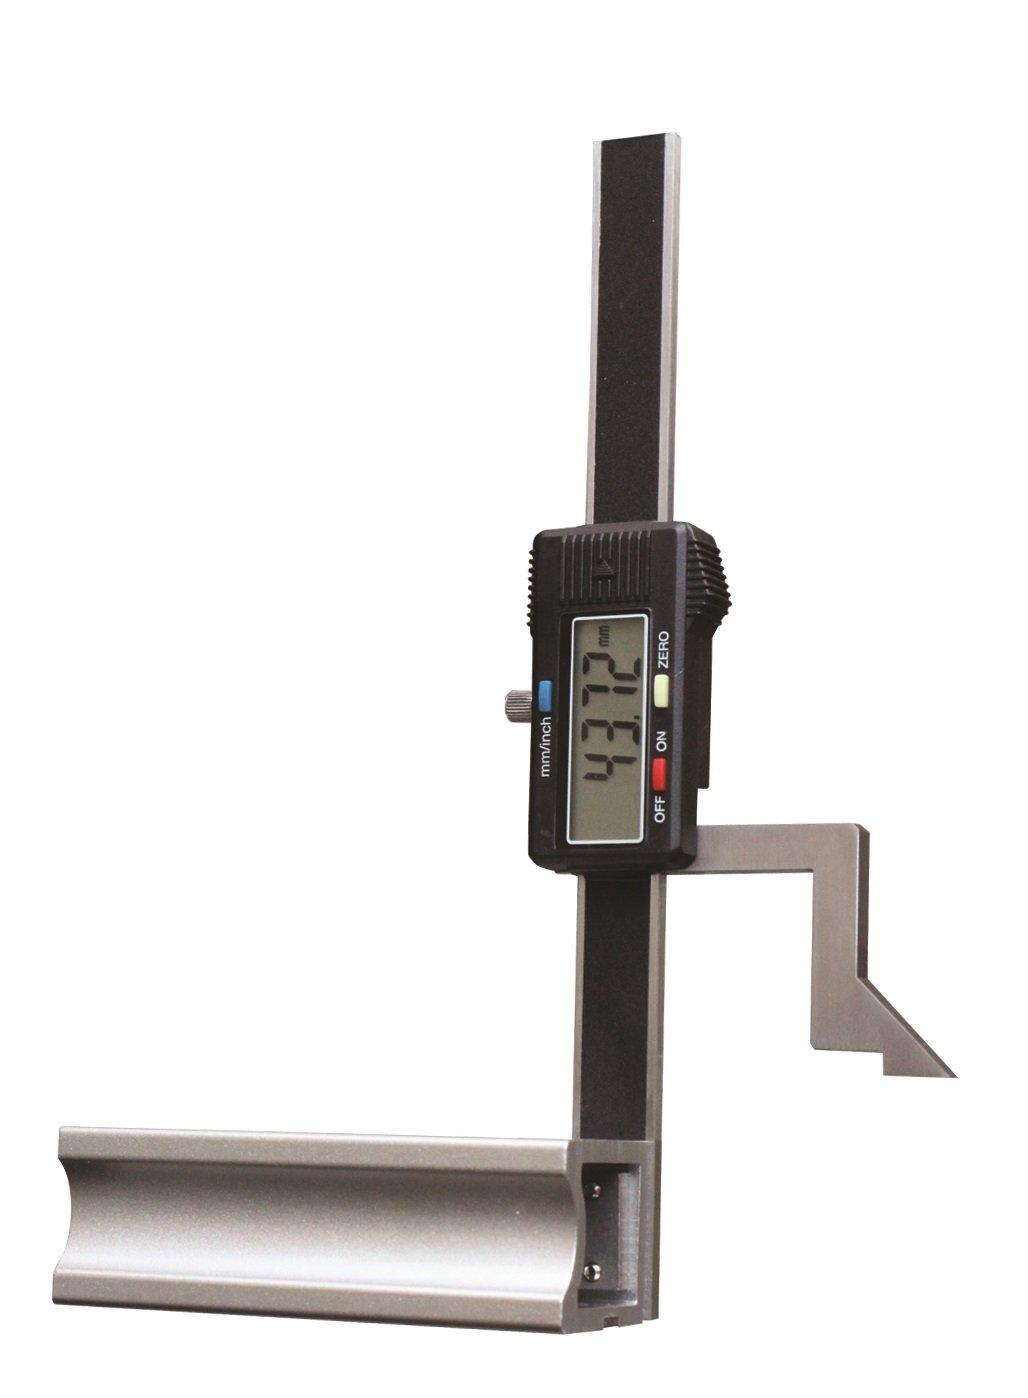 CNC QUALITÄ T Digital Hö henmess- und Anreiß gerä t - leichte Ausfü hrung - Messbereich 200 mm CNC QUALITÄT